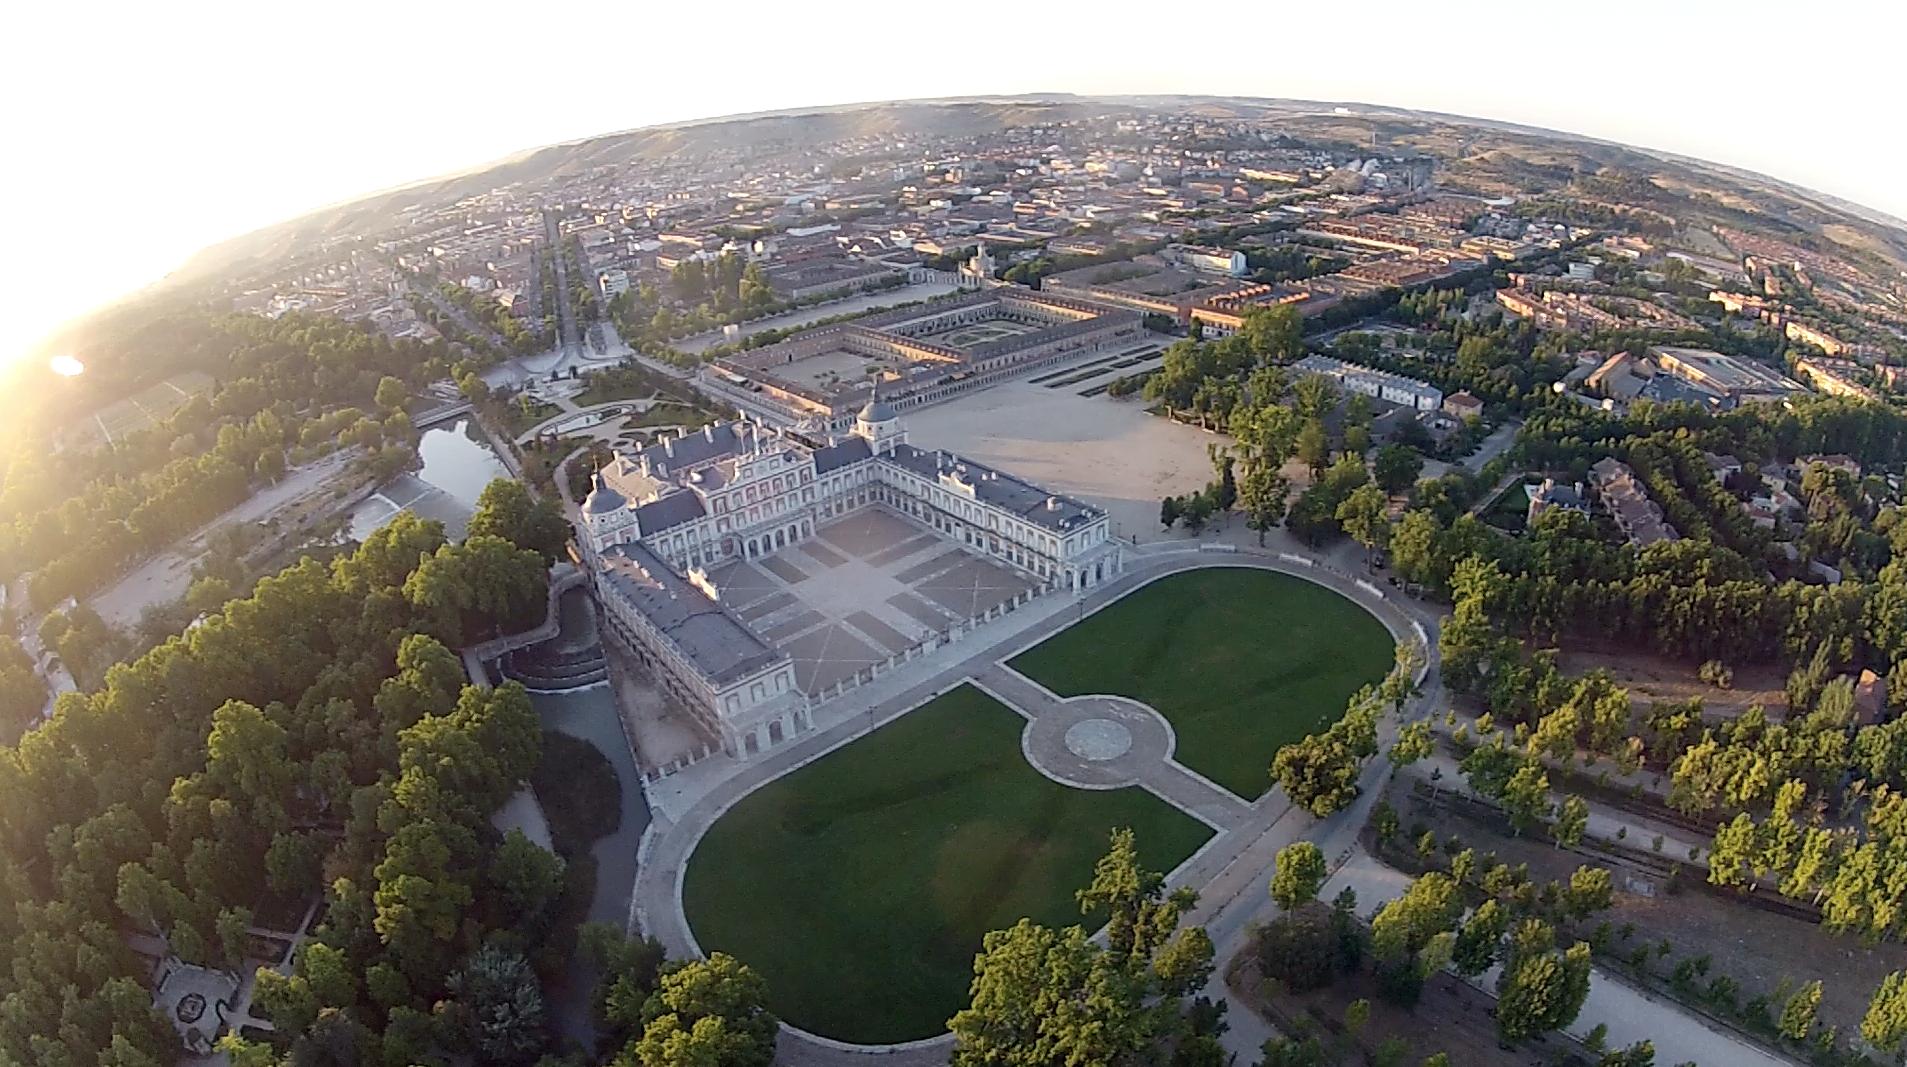 Palacio real de aranjuez desde un globo siempre en las nubes for Los jardines de aranjuez